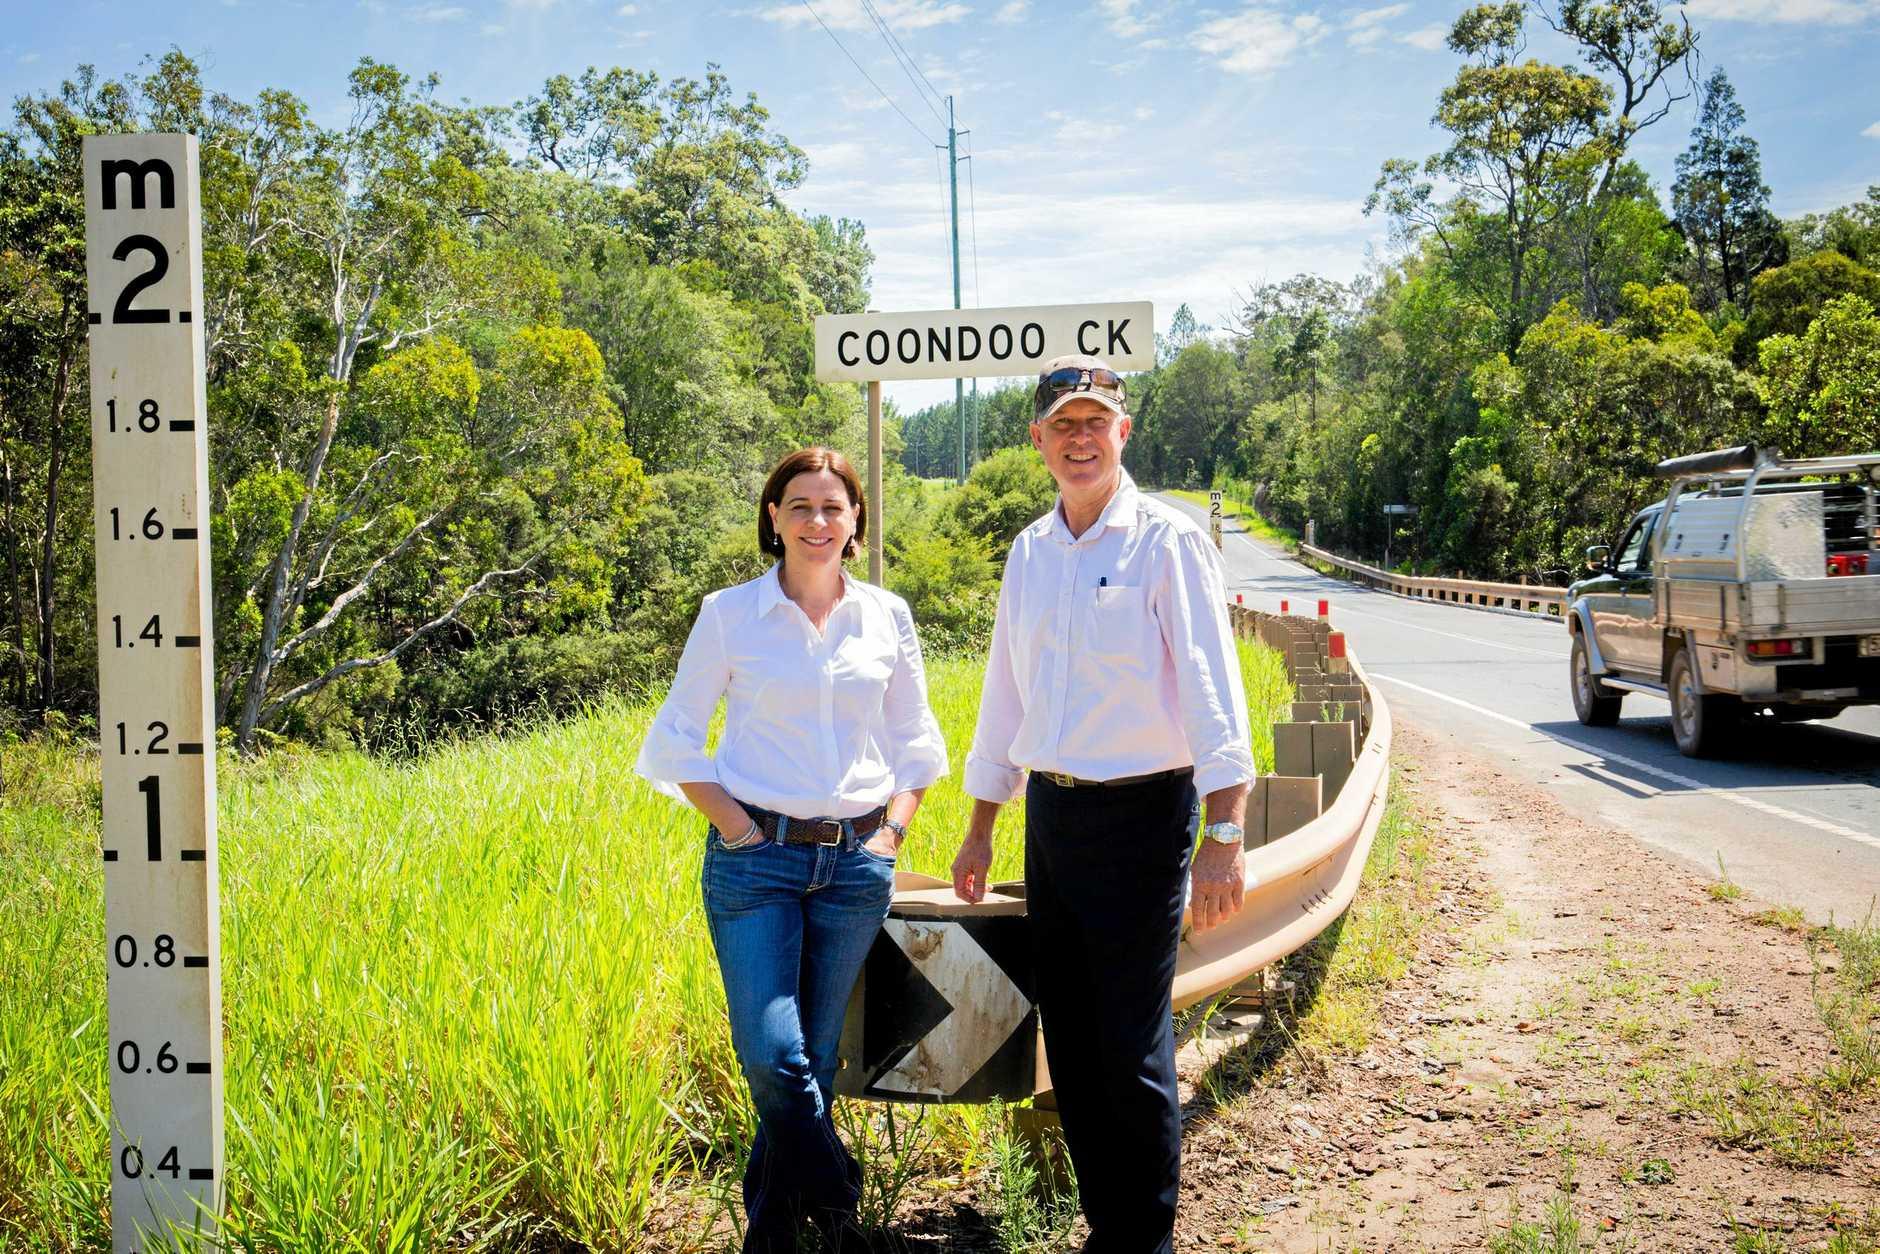 NOT HAPPY: Queensland LNP Leader Deb Frecklington and Gympie MP Tony Perrett at the Coondoo Creek bridge.